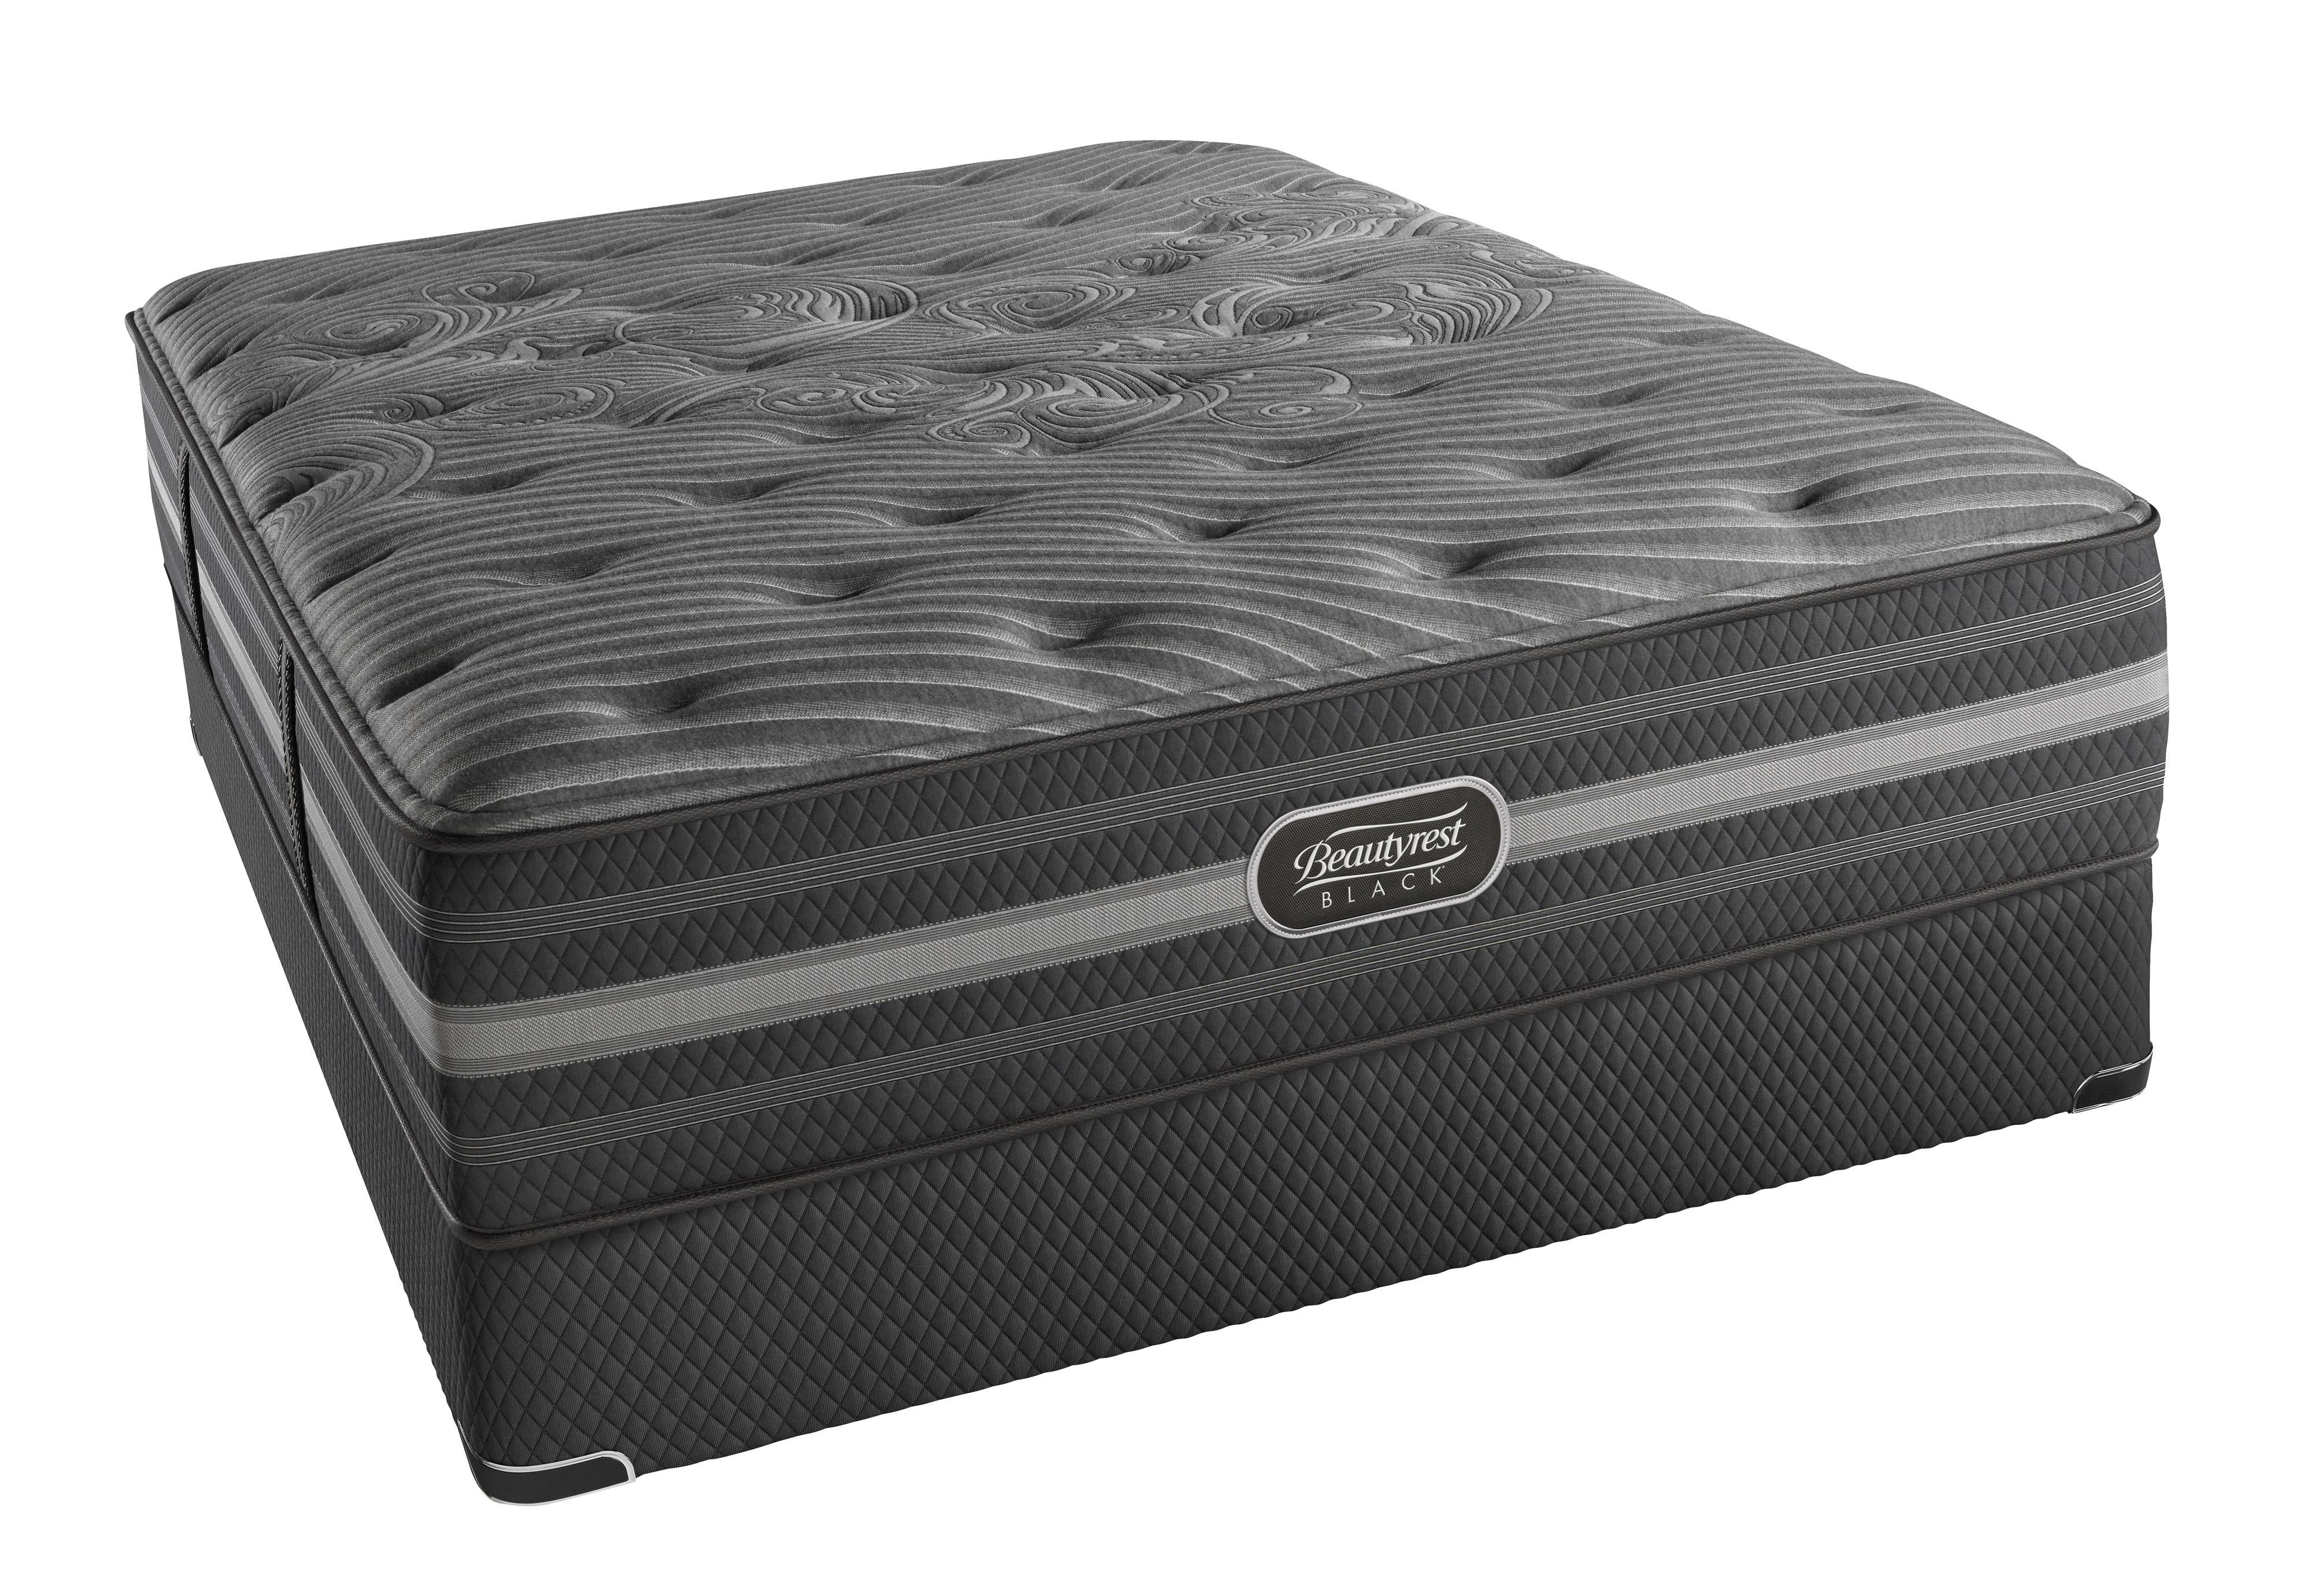 Simmons BR Black Mariela Twin XL Luxury Firm Mattress Set, HP - Item Number: BRBLUXURYFM-TXL+700730112-5020